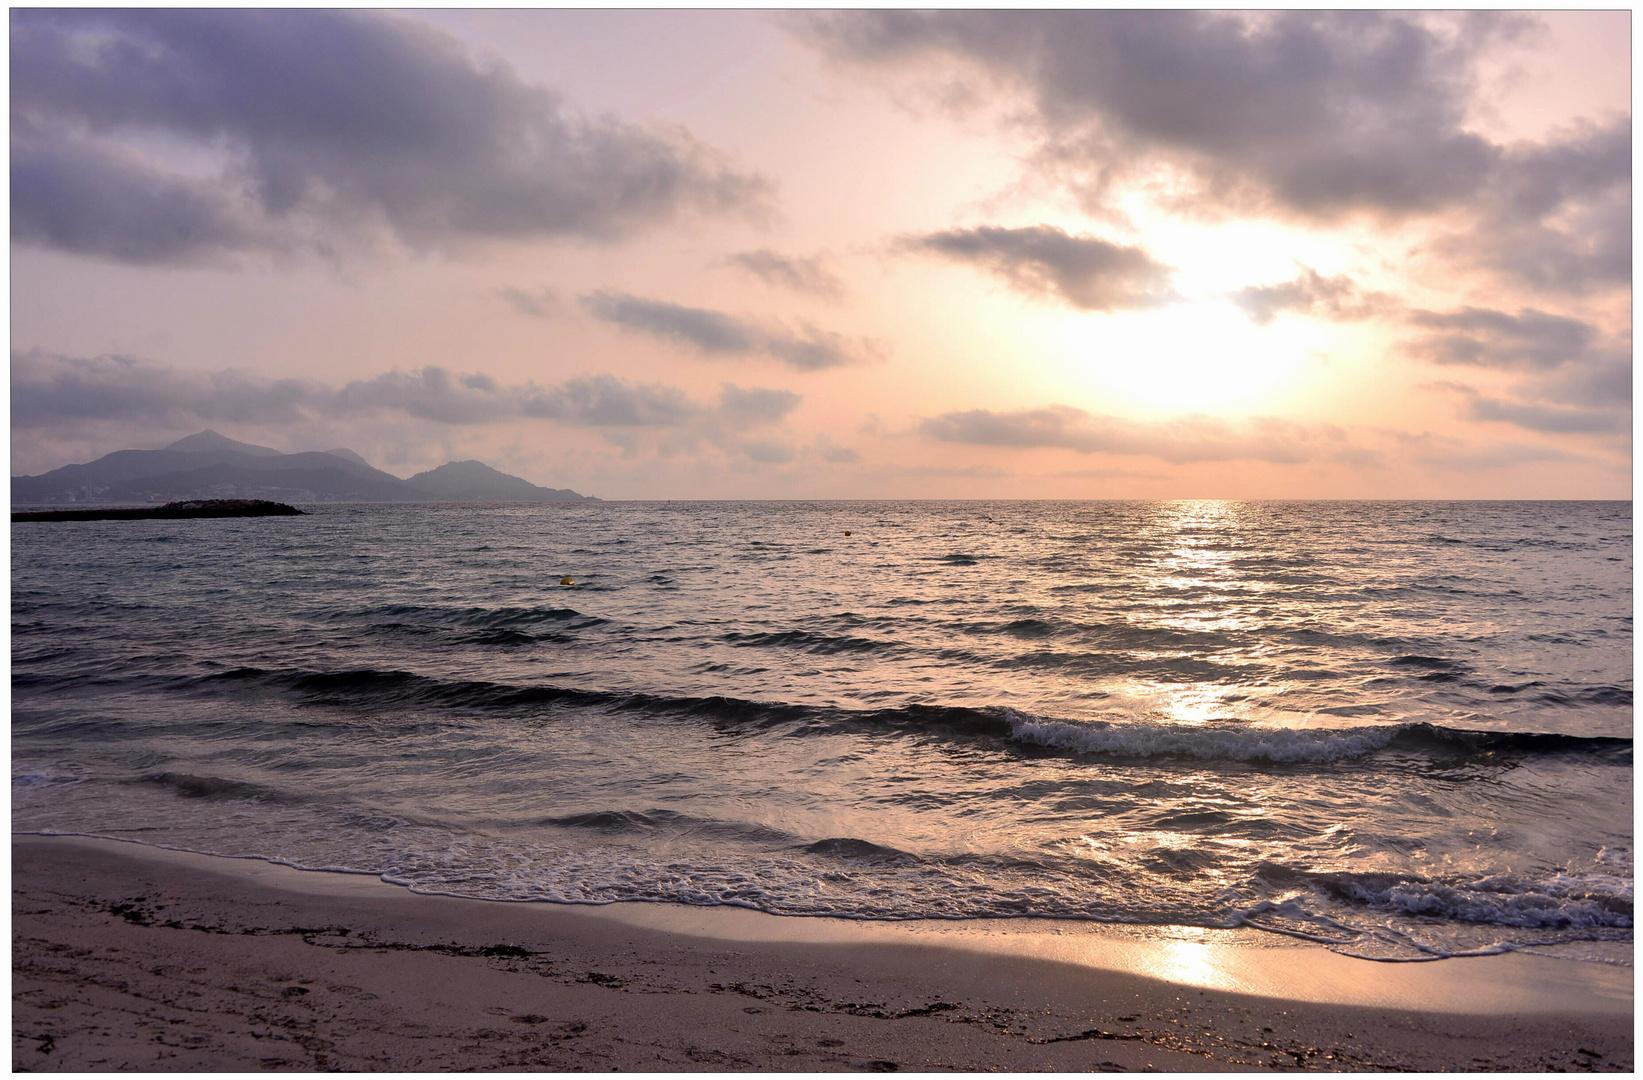 Mallorca 2012, Amanecer II (am Morgen II)